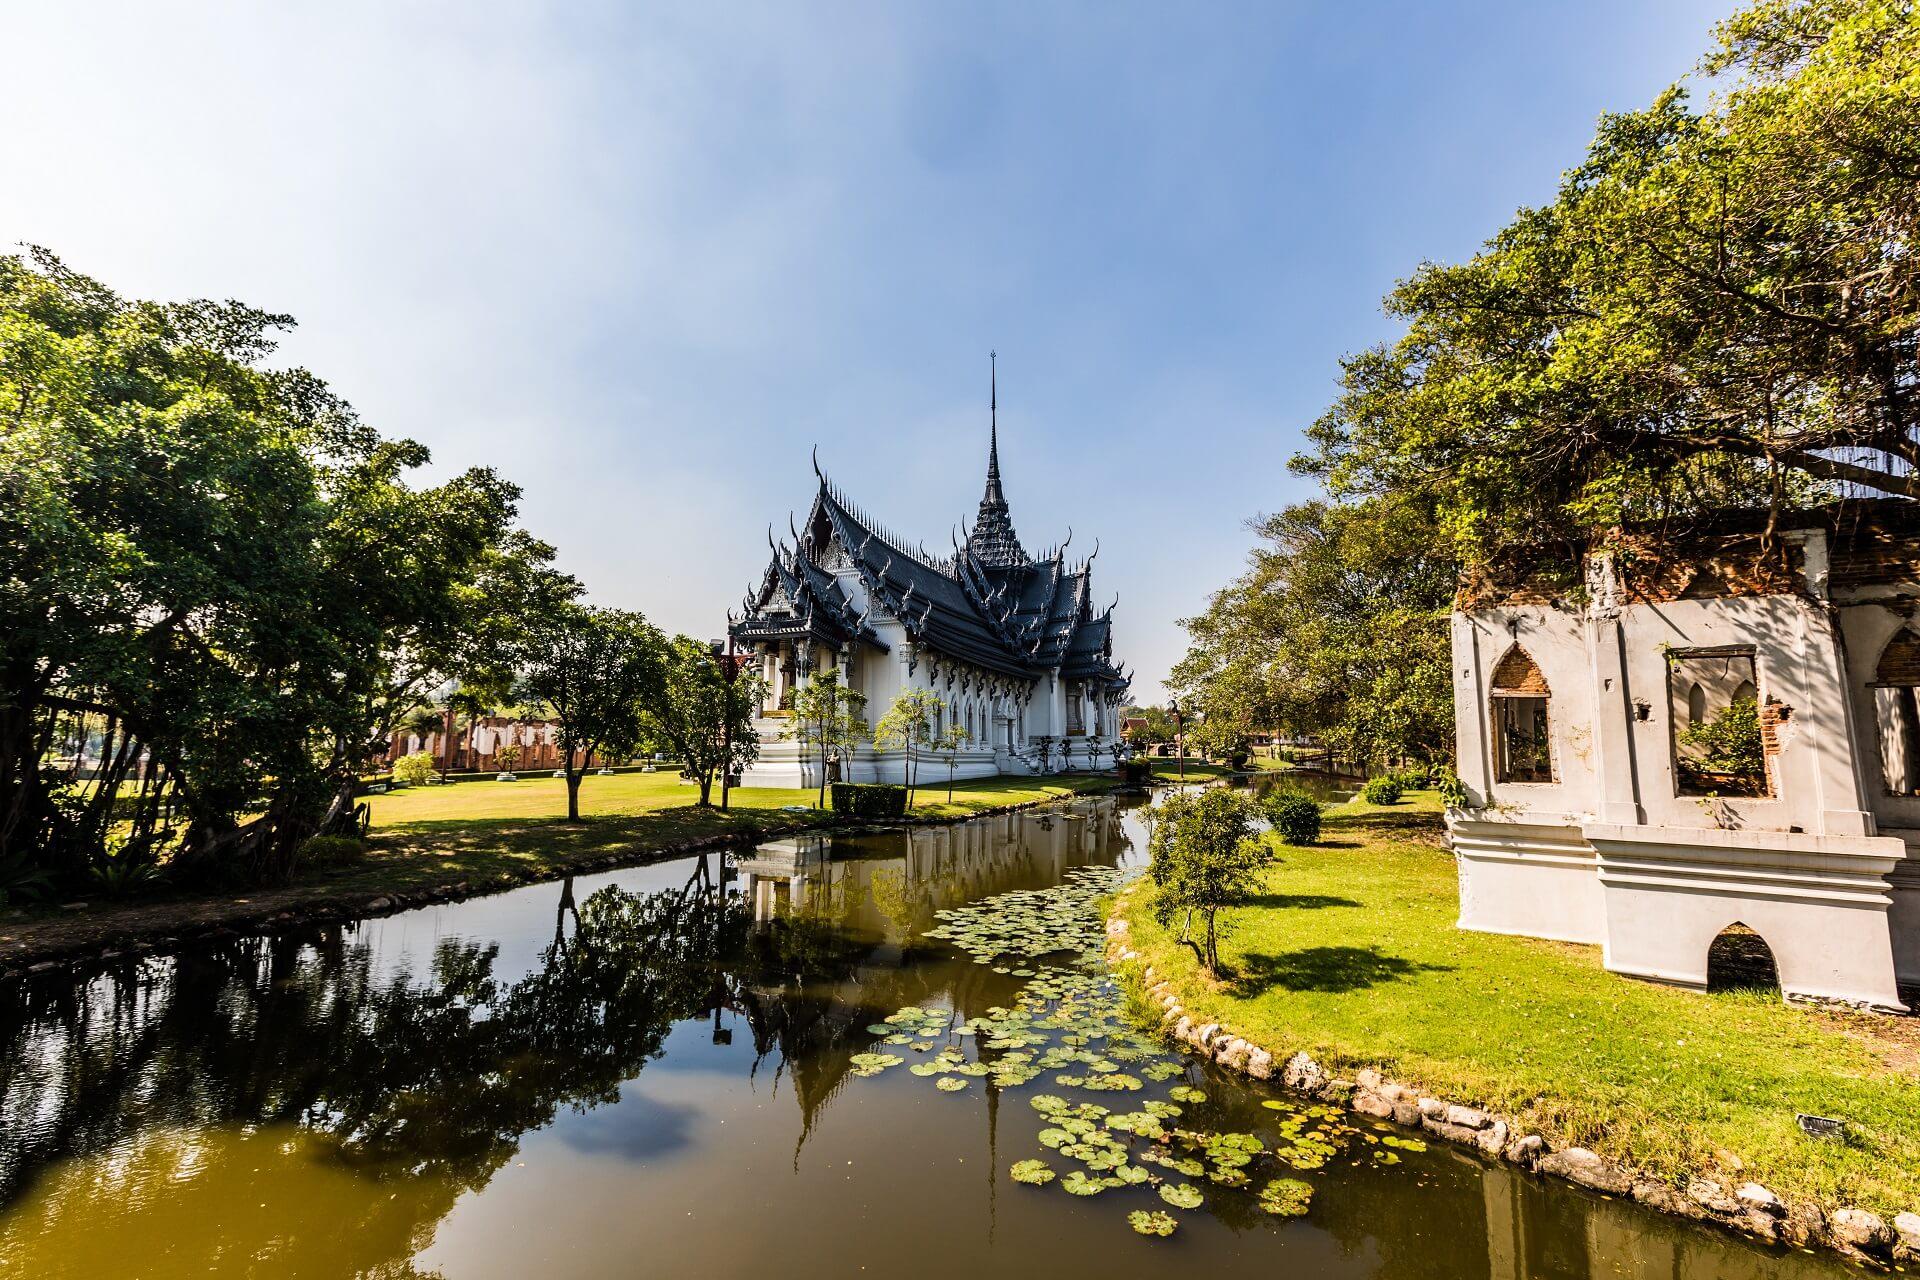 Dieser Park in der Nähe von Bangkok ist eine wirklich top Sehenswürdigkeit in Bangkok